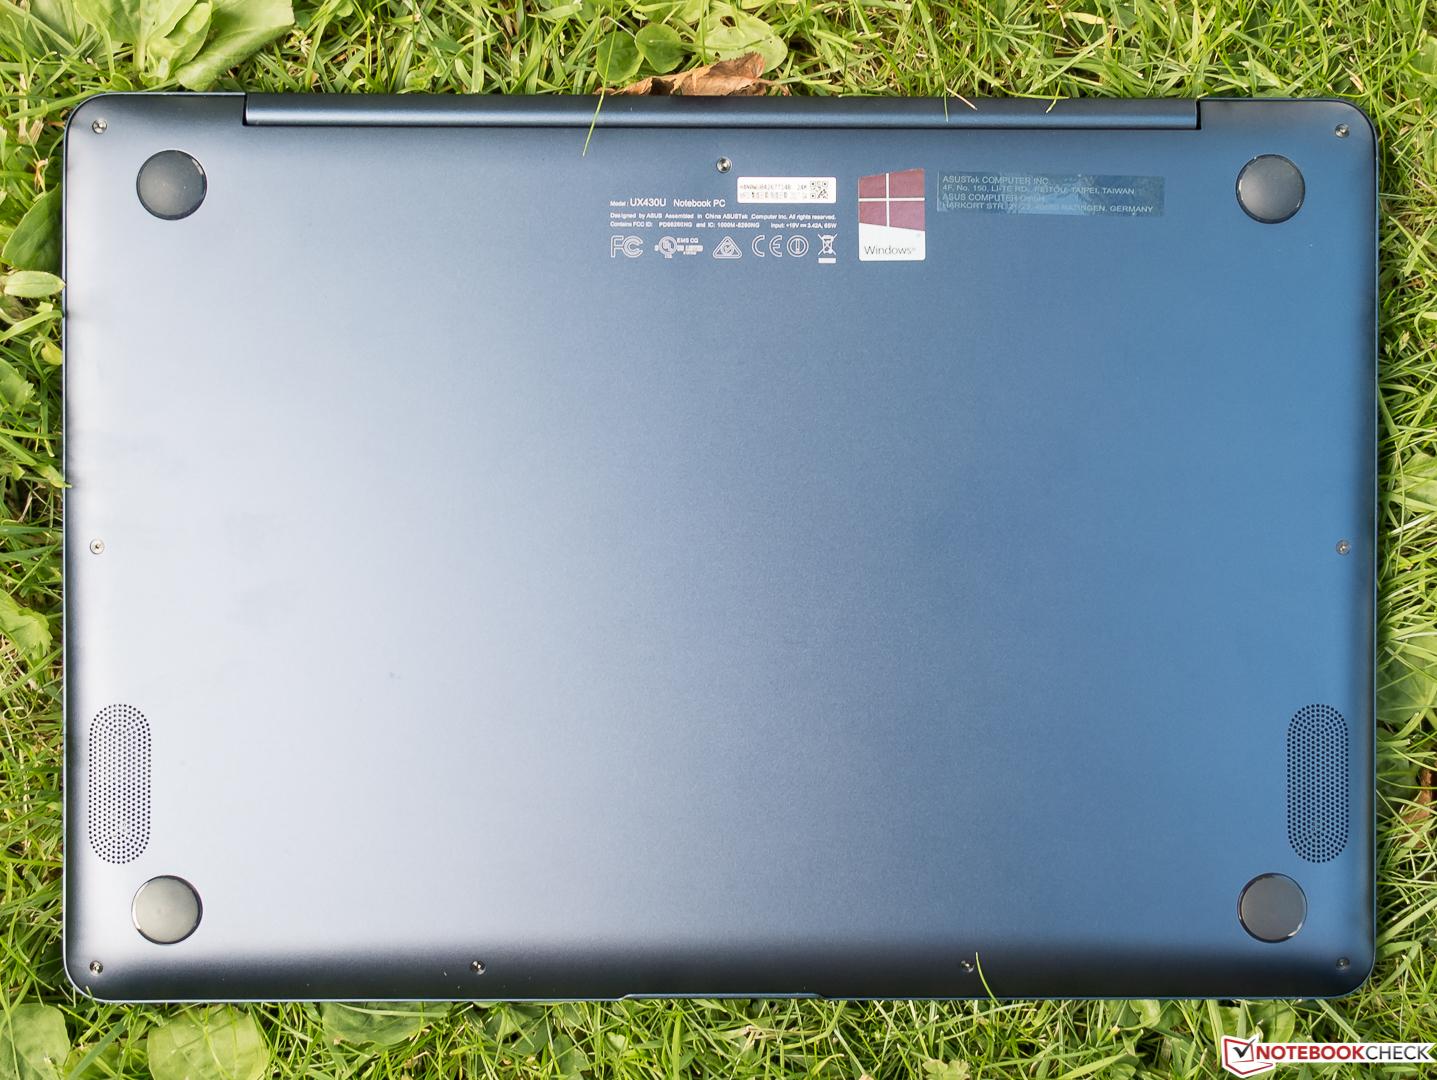 Asus Zenbook UX3430UQ (7500U, 940MX, 512 GB) Laptop Review